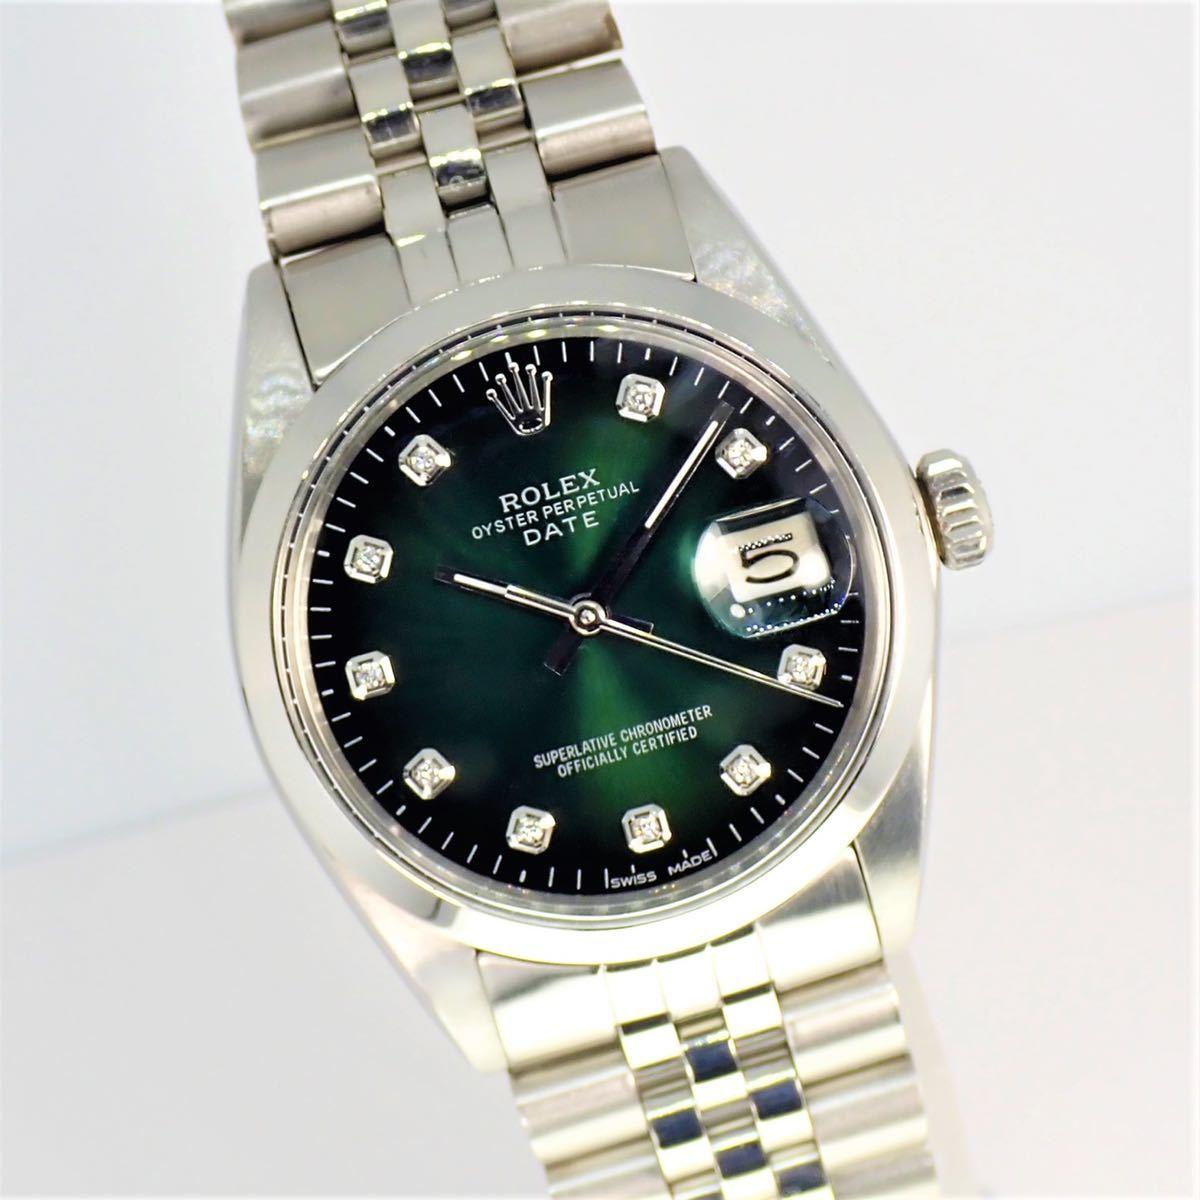 【激レア】本物ロレックス ★オーバーホール済★ Rolex デイト 1500 希少な 天然ダイヤモンド グリーン文字盤 メンズ 腕時計